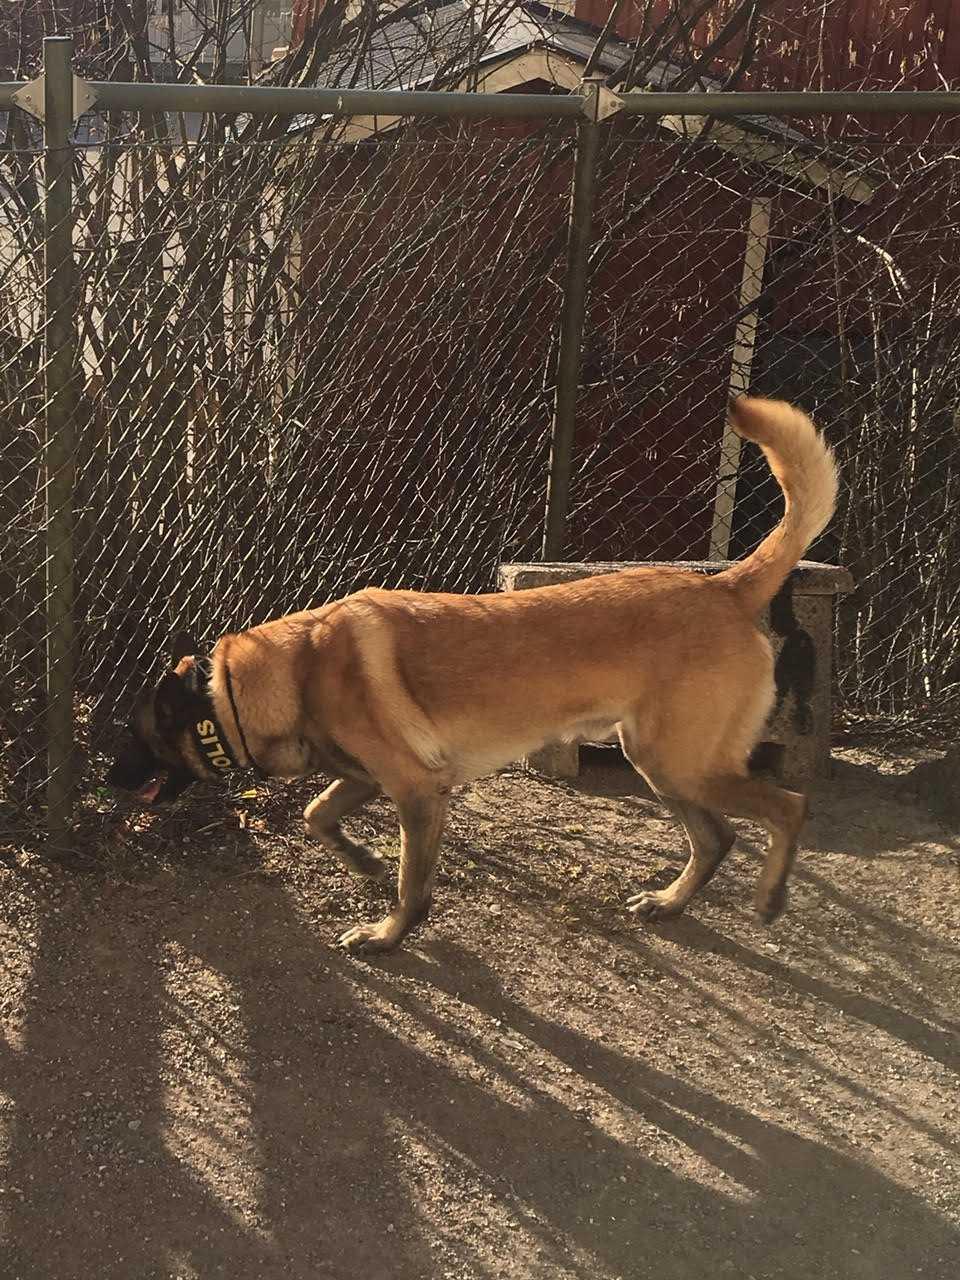 En av polisens knarkhundar söker på en lekplats.